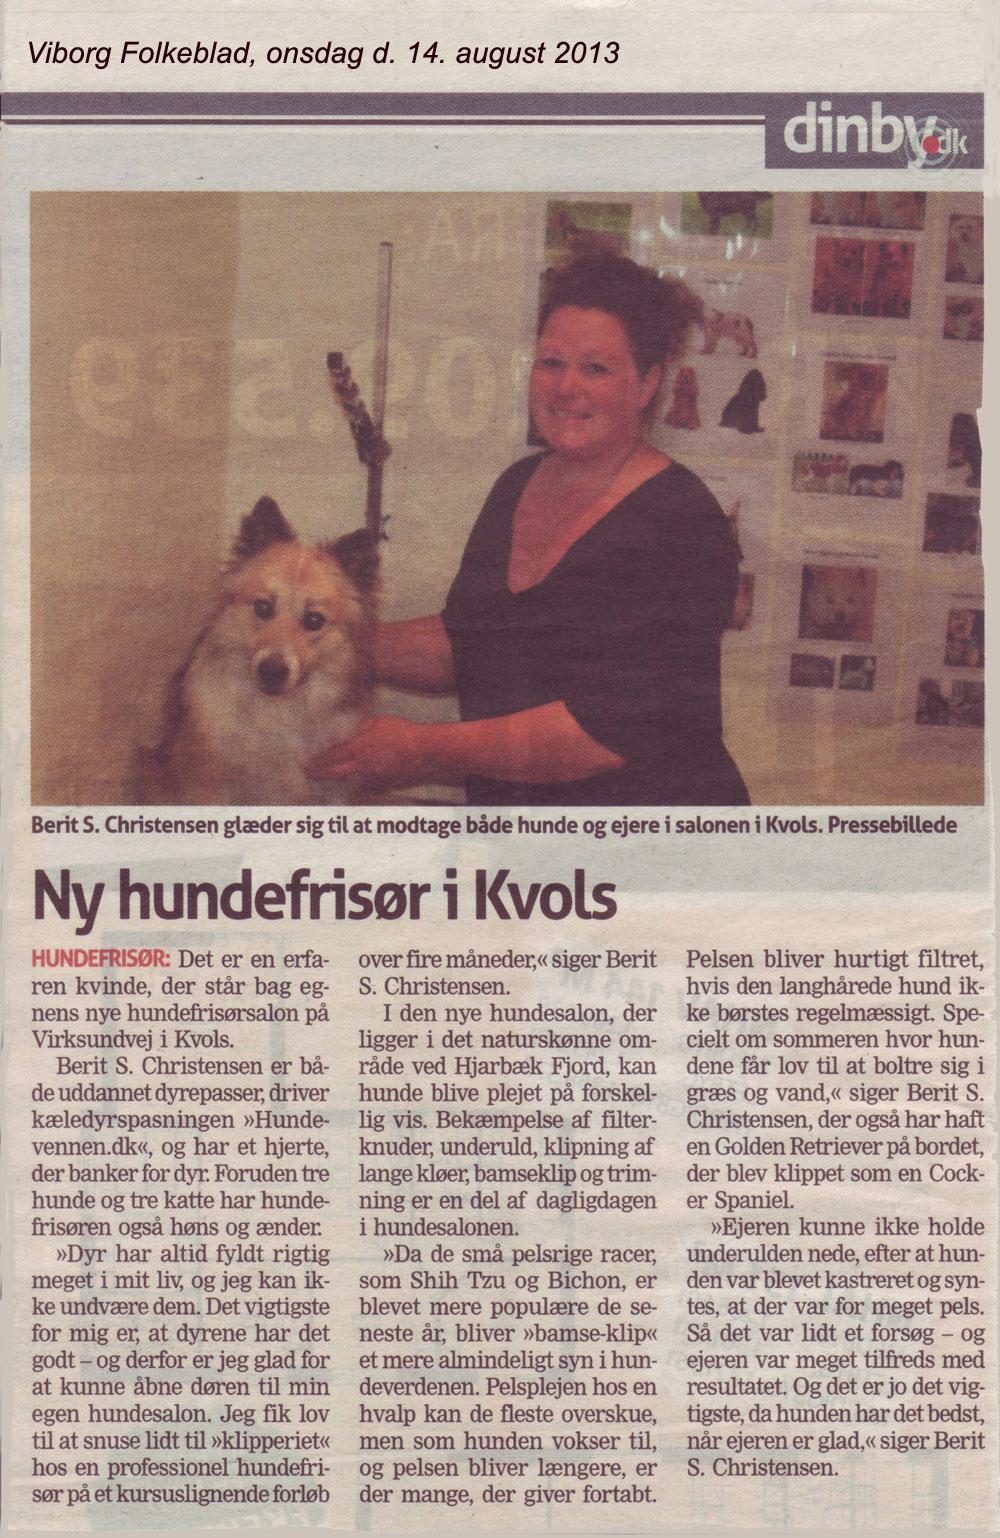 Viborg-Folkeblad,-14.08.2013-2